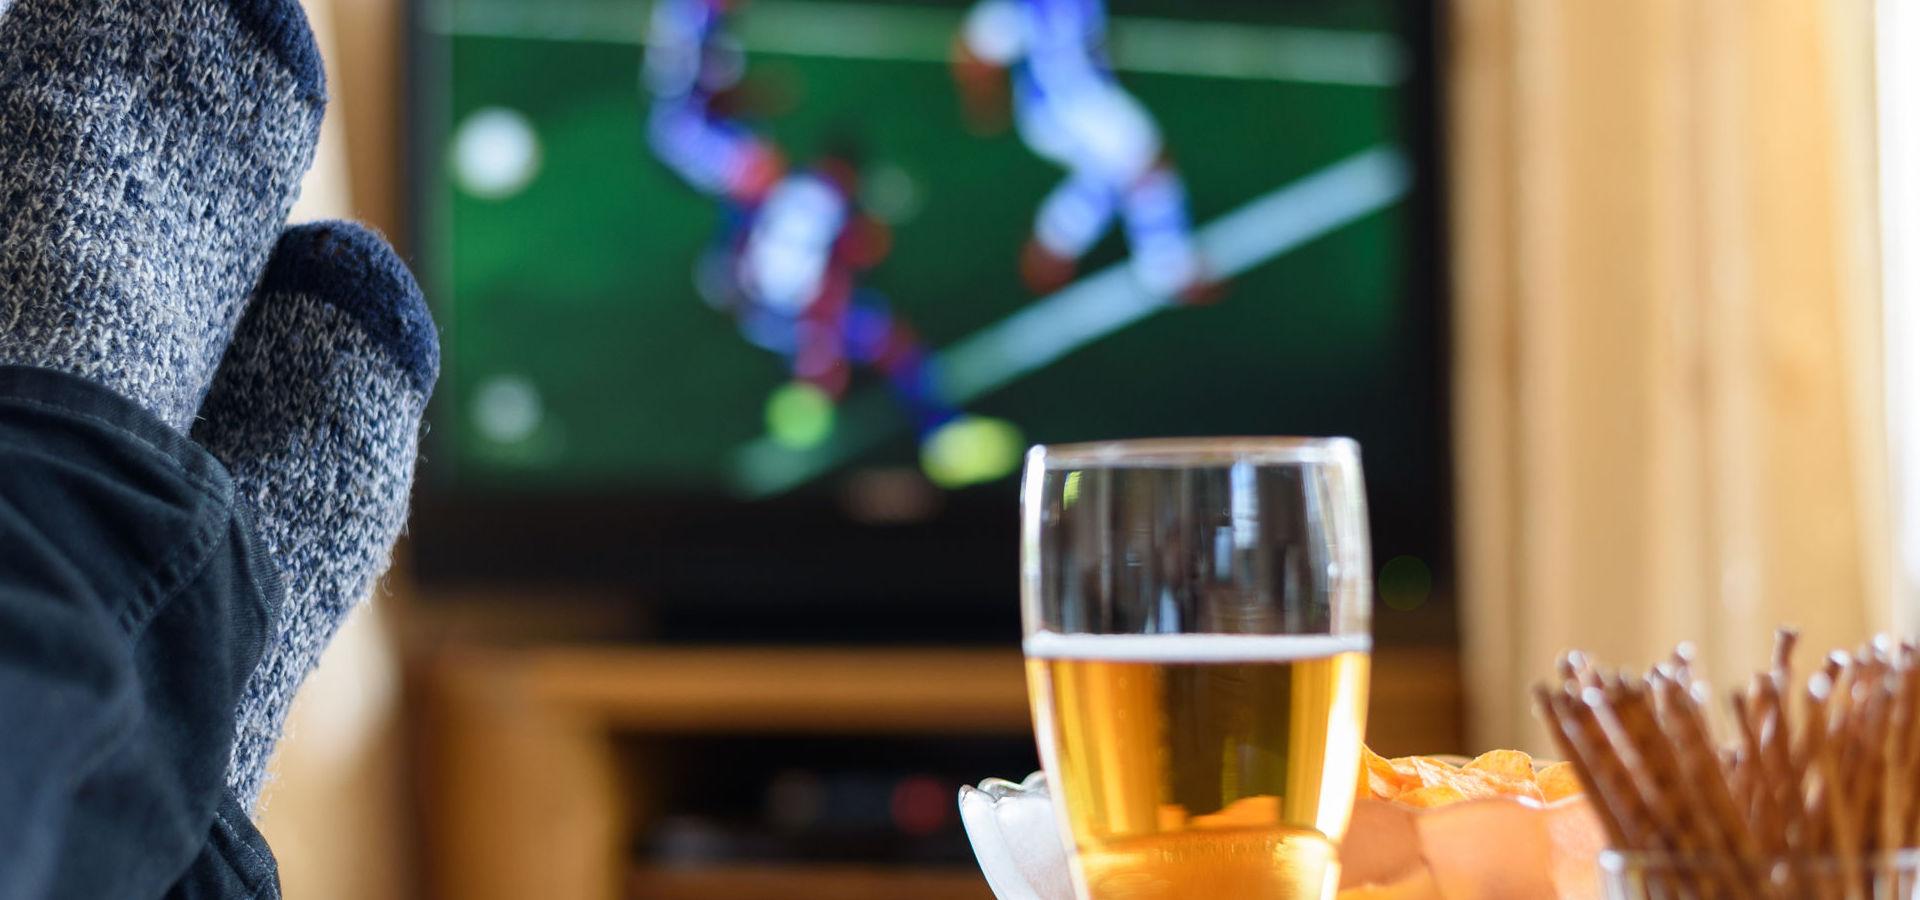 Top 5 Super Bowl XLIX Ads